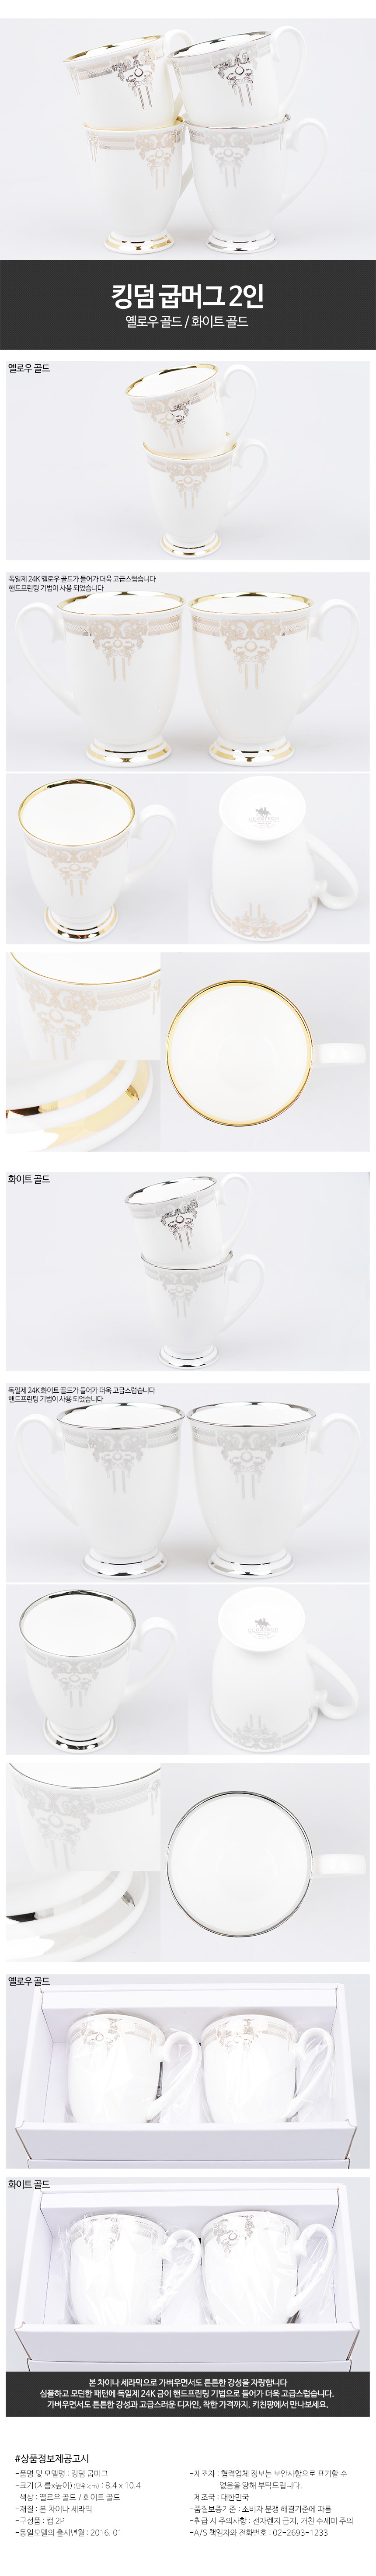 킹덩 2인조 굽머그 - 로메이키친5, 25,800원, 머그컵, 심플머그